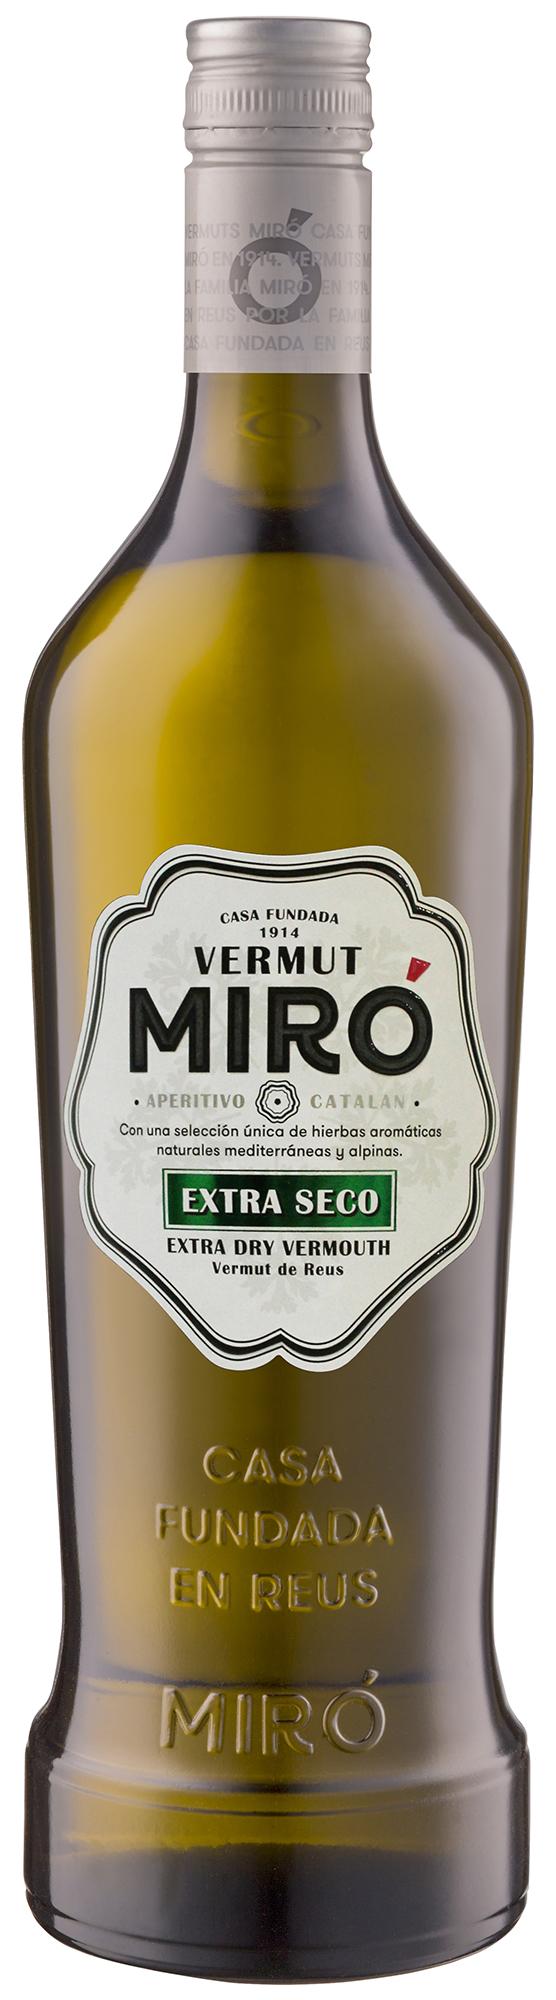 Miró Extra Seco Vermut de Reus